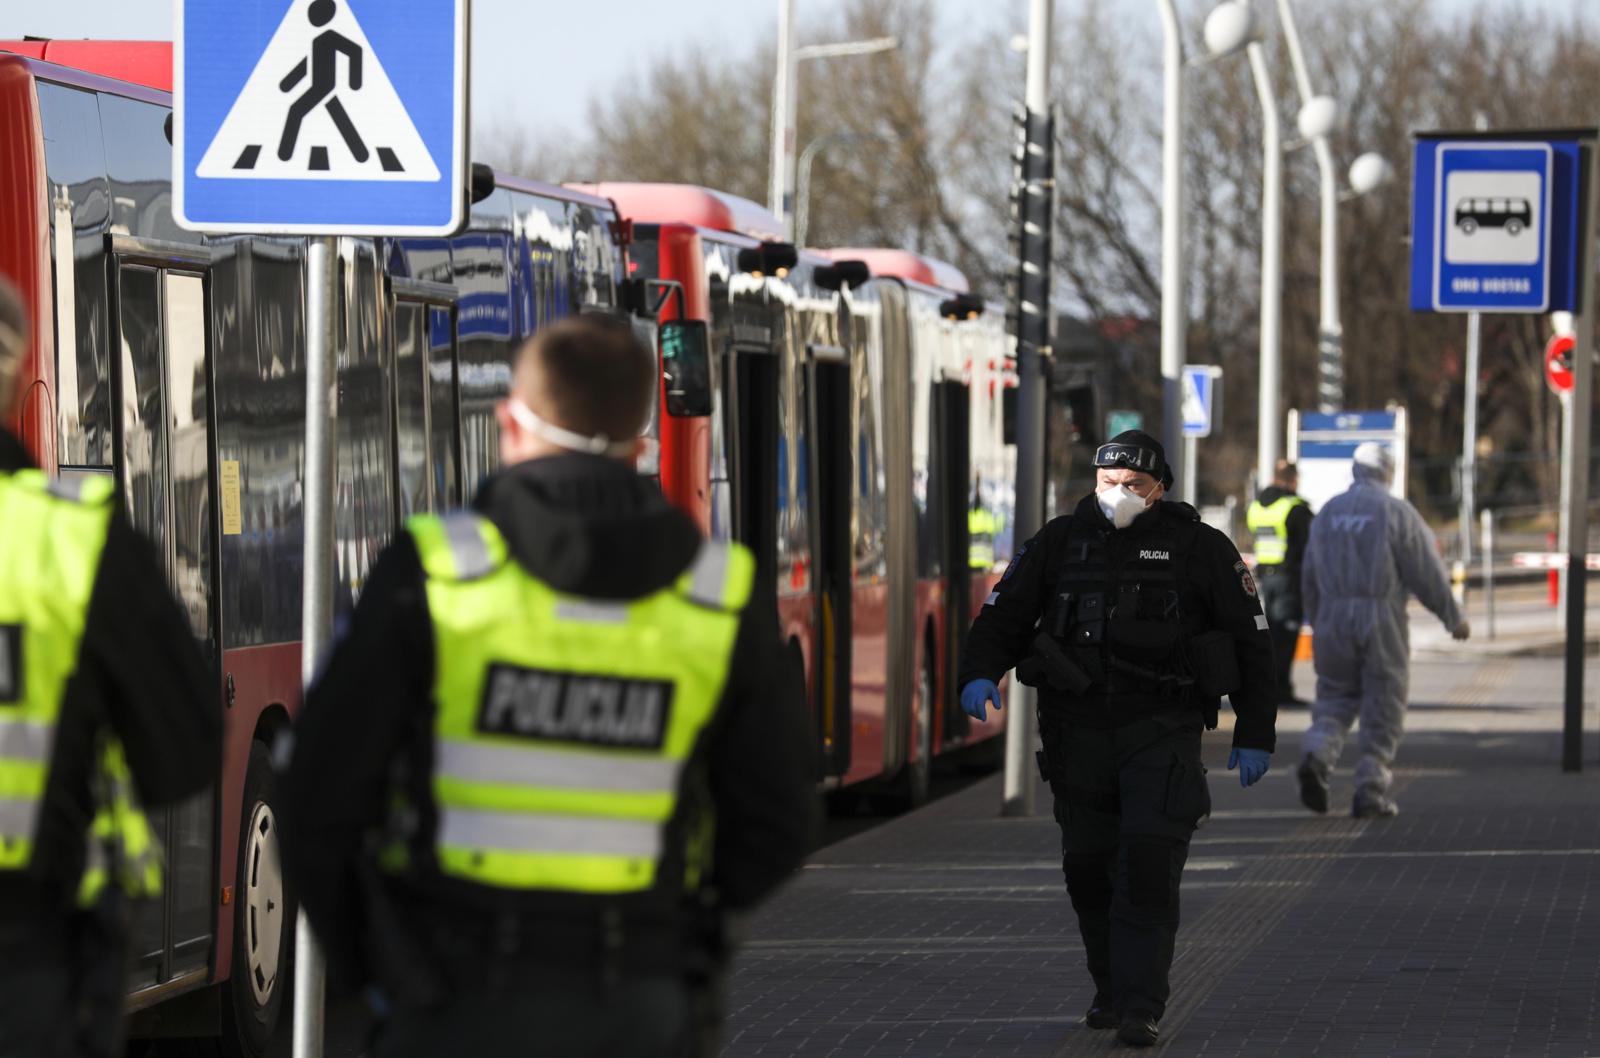 Policija savaitgalį nustatė 247 karantino pažeidimus: dominavo daugiau nei vieno namų ūkio kontaktai